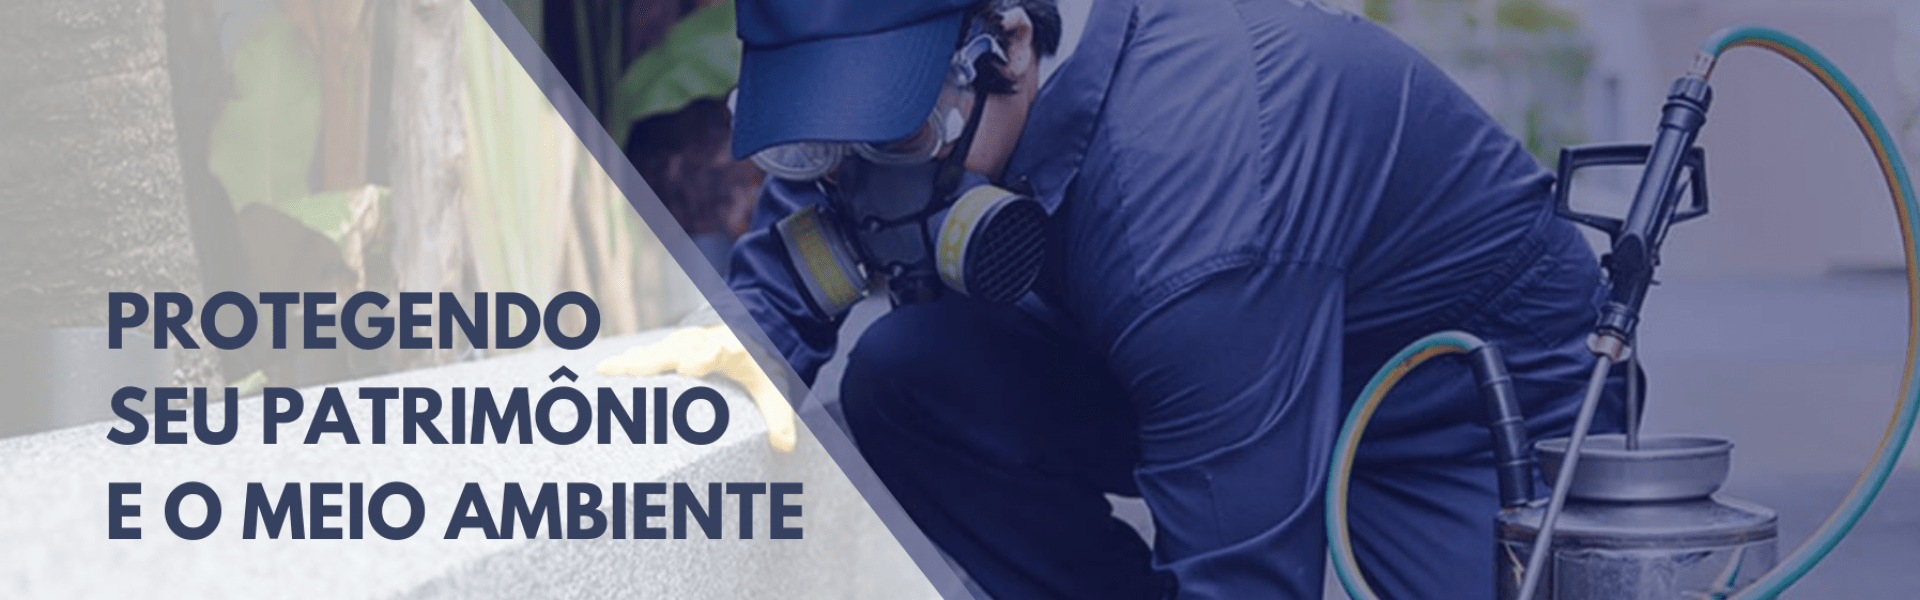 Técnico de dedetizadora em Perus fazendo dedetização em Perus